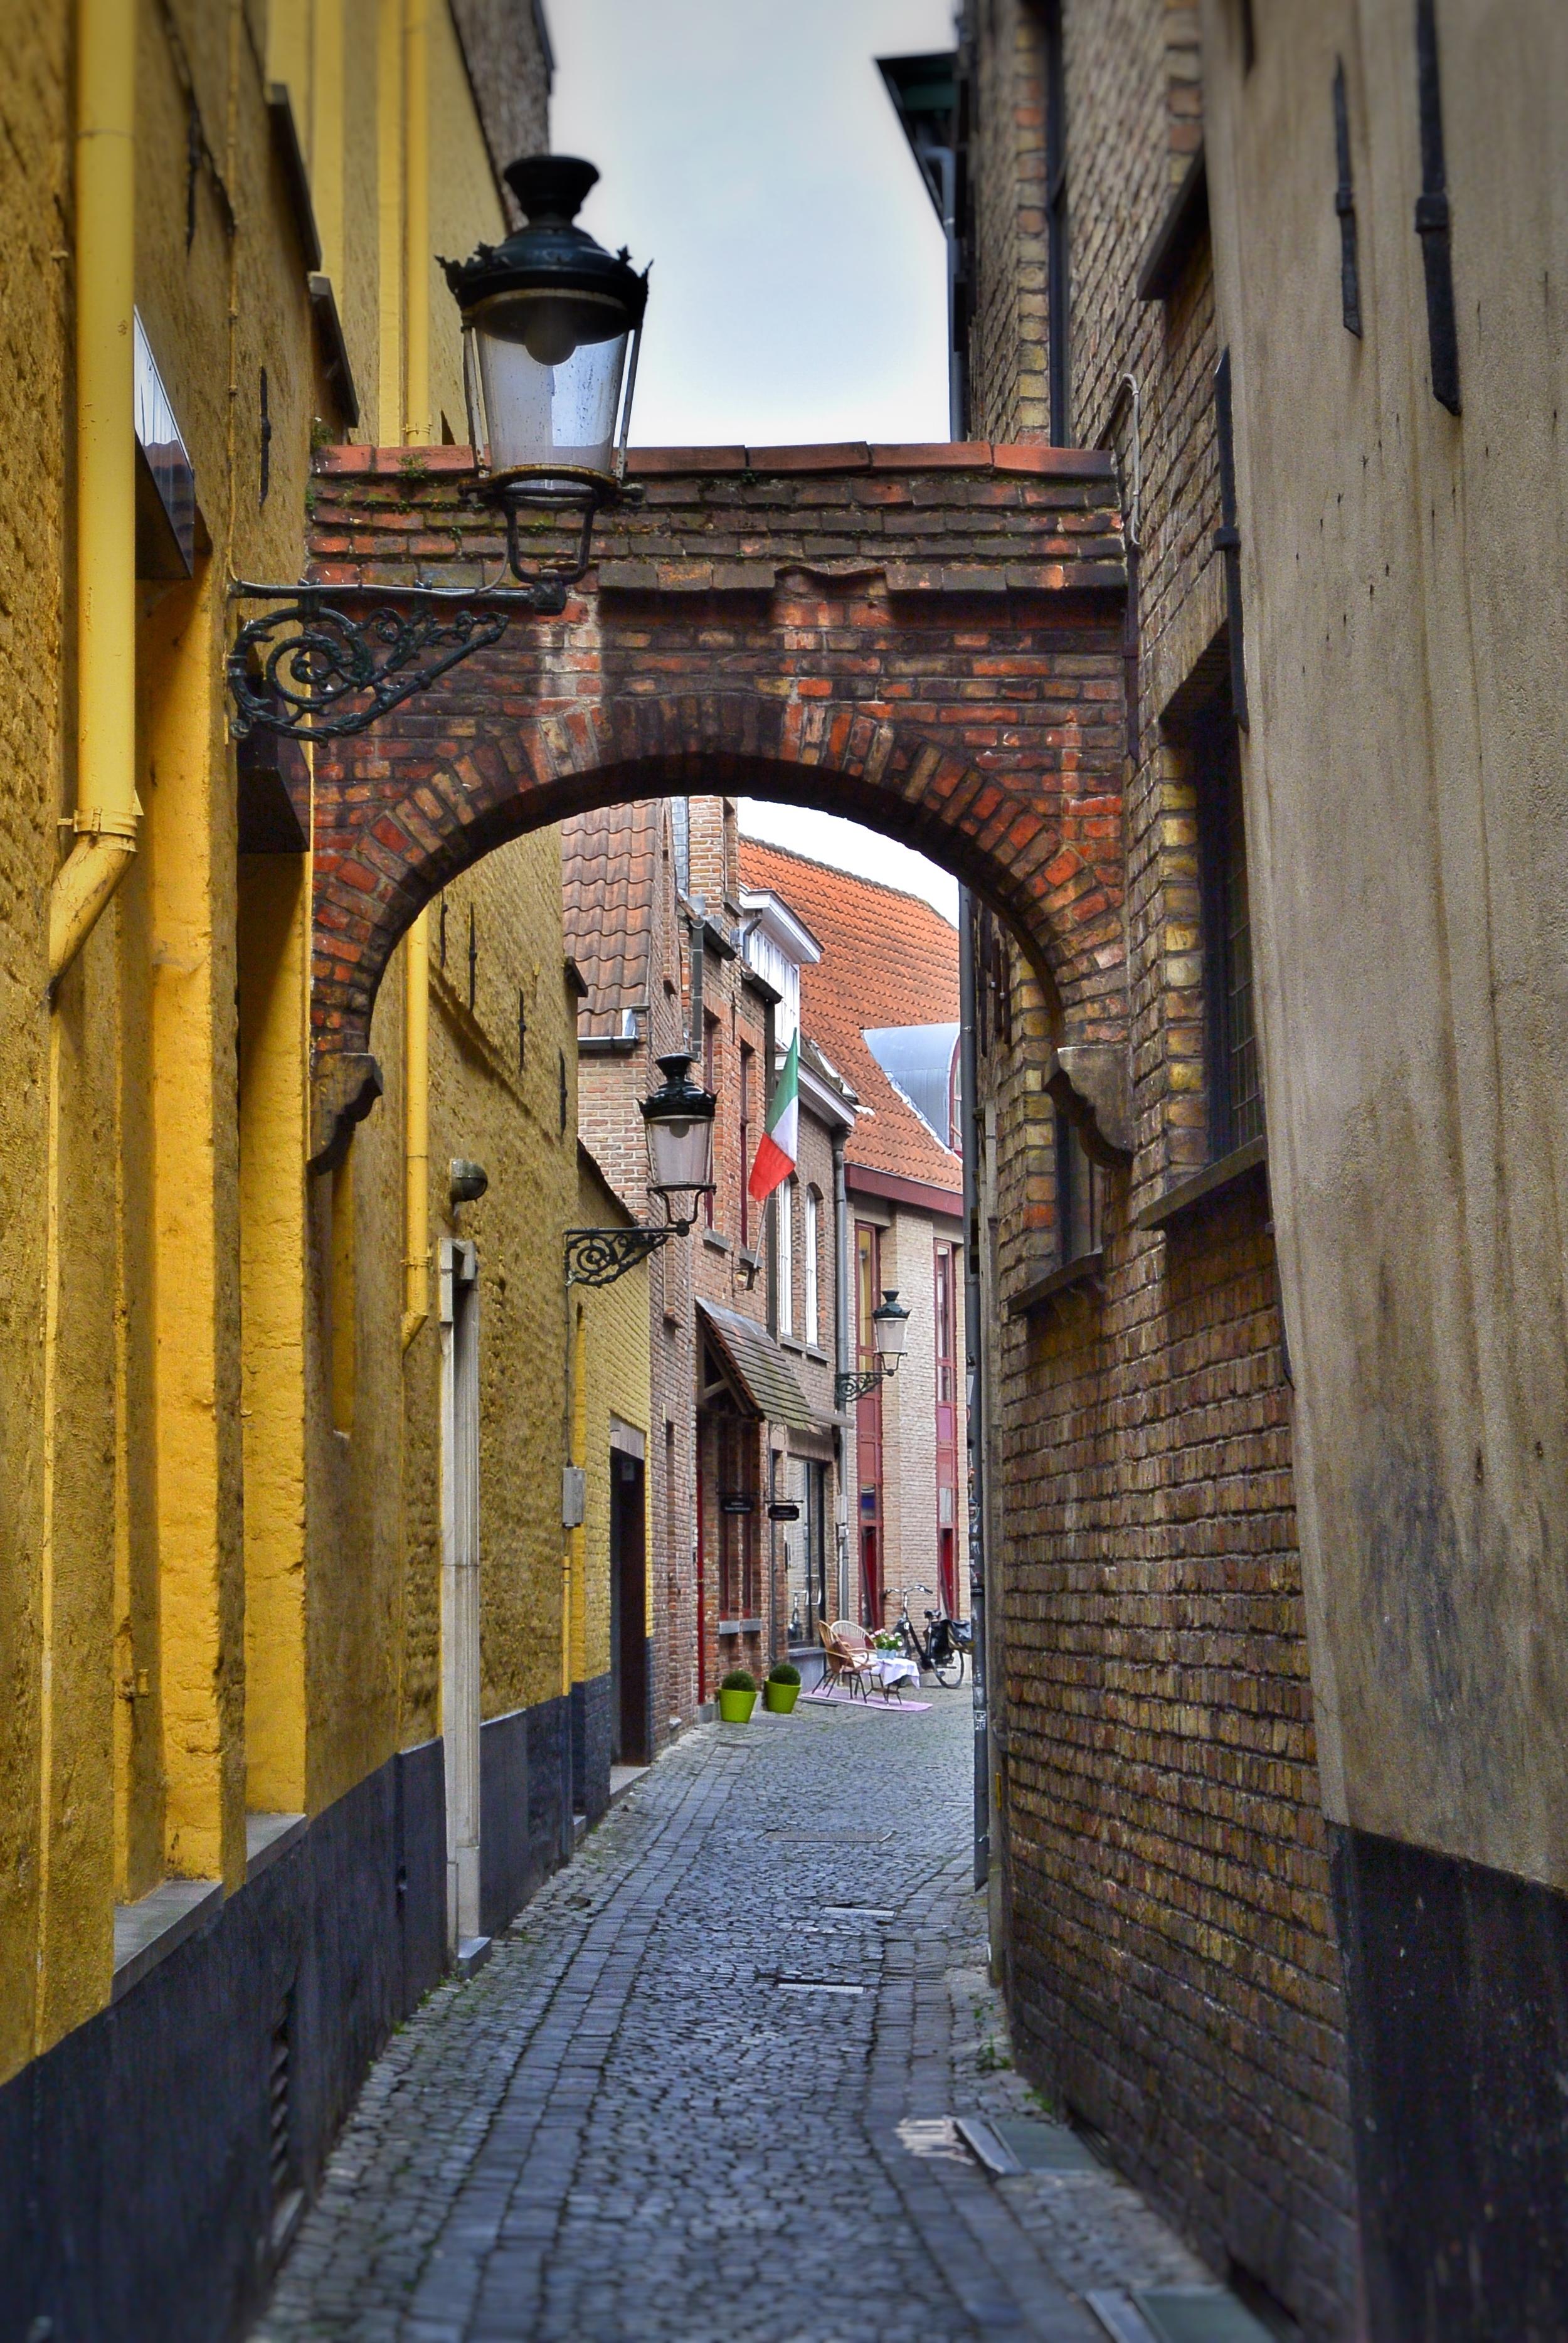 Old Alleyway in Bruges